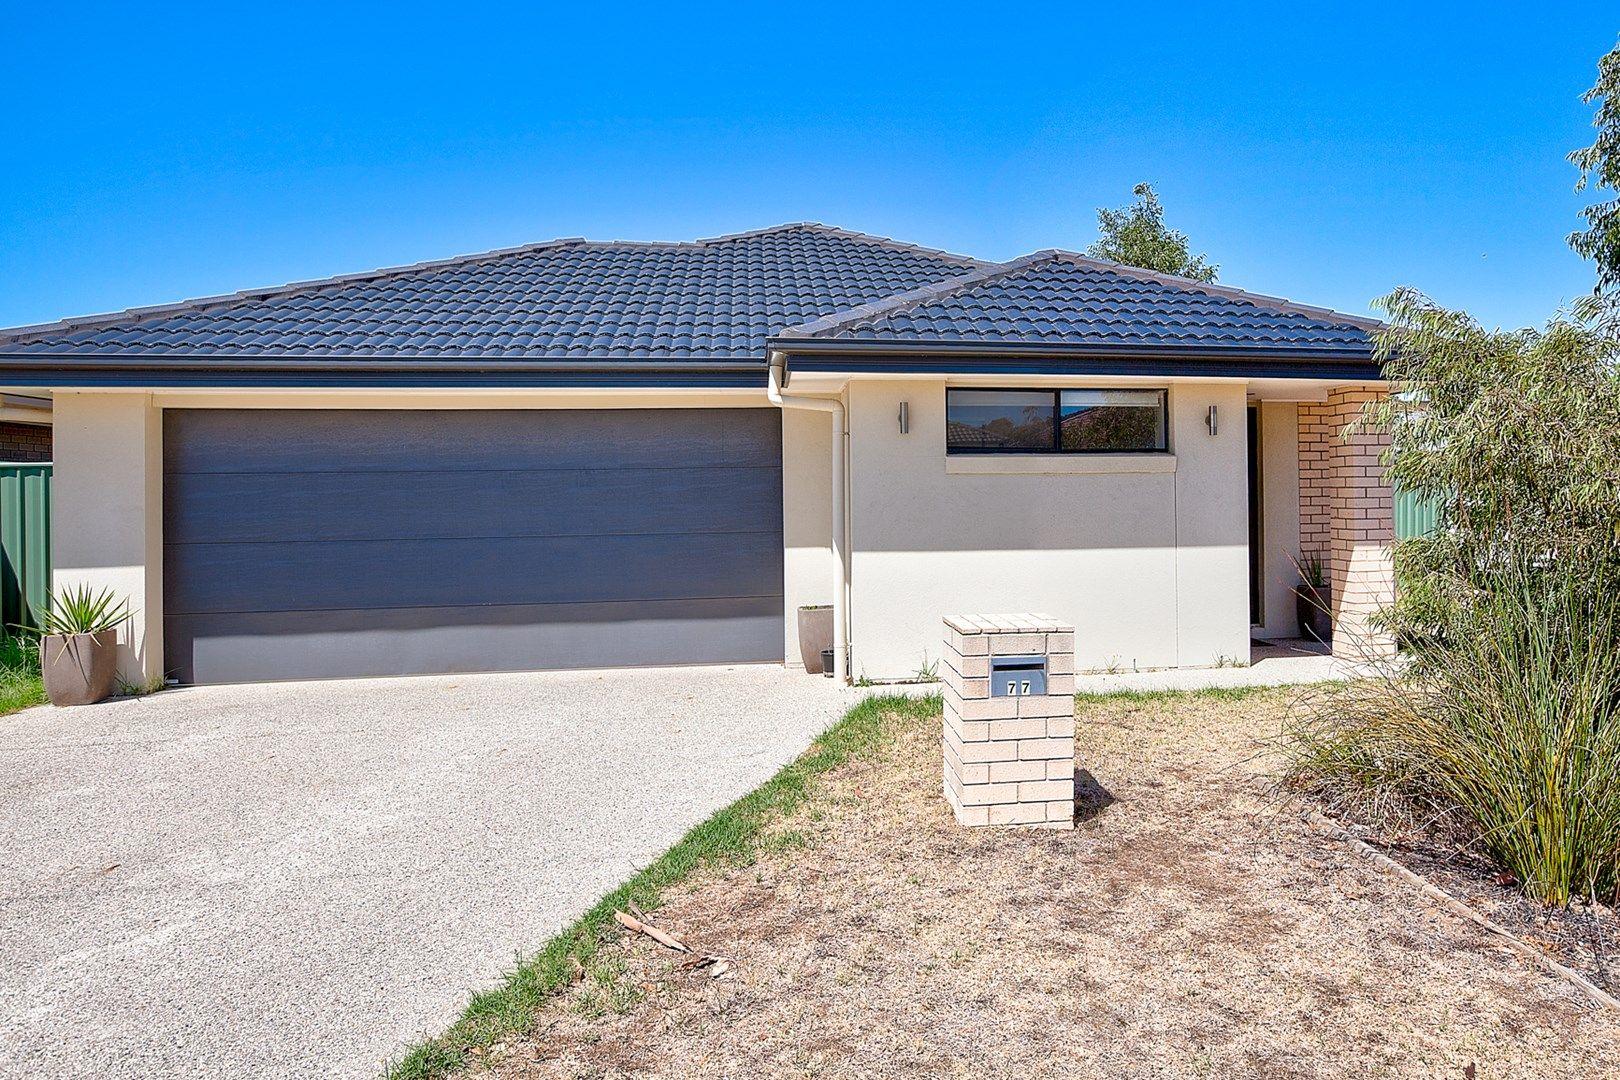 77 Featherstone Avenue, Glenroy NSW 2640, Image 0